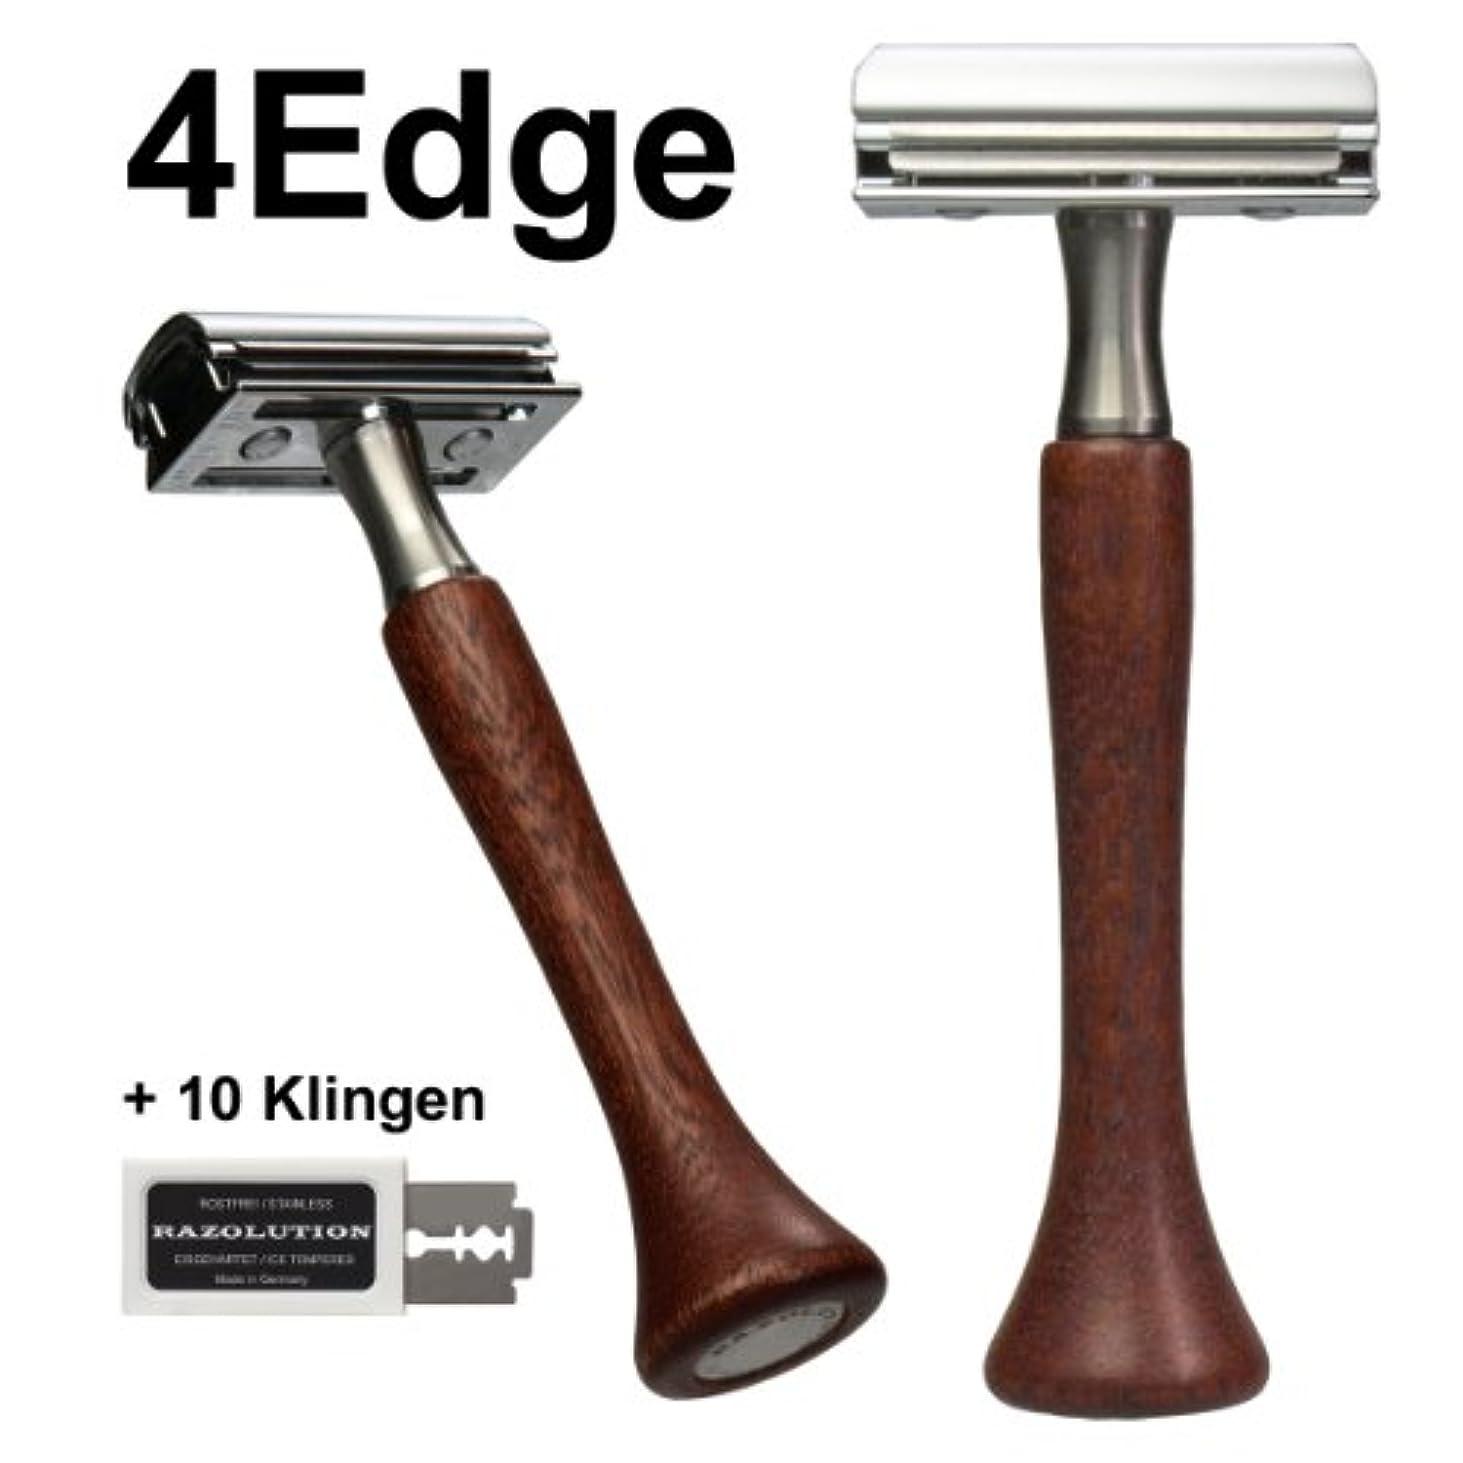 無秩序チャンピオンシップブースRAZOLUTION 4Edge Safety razor, Mahogany handle